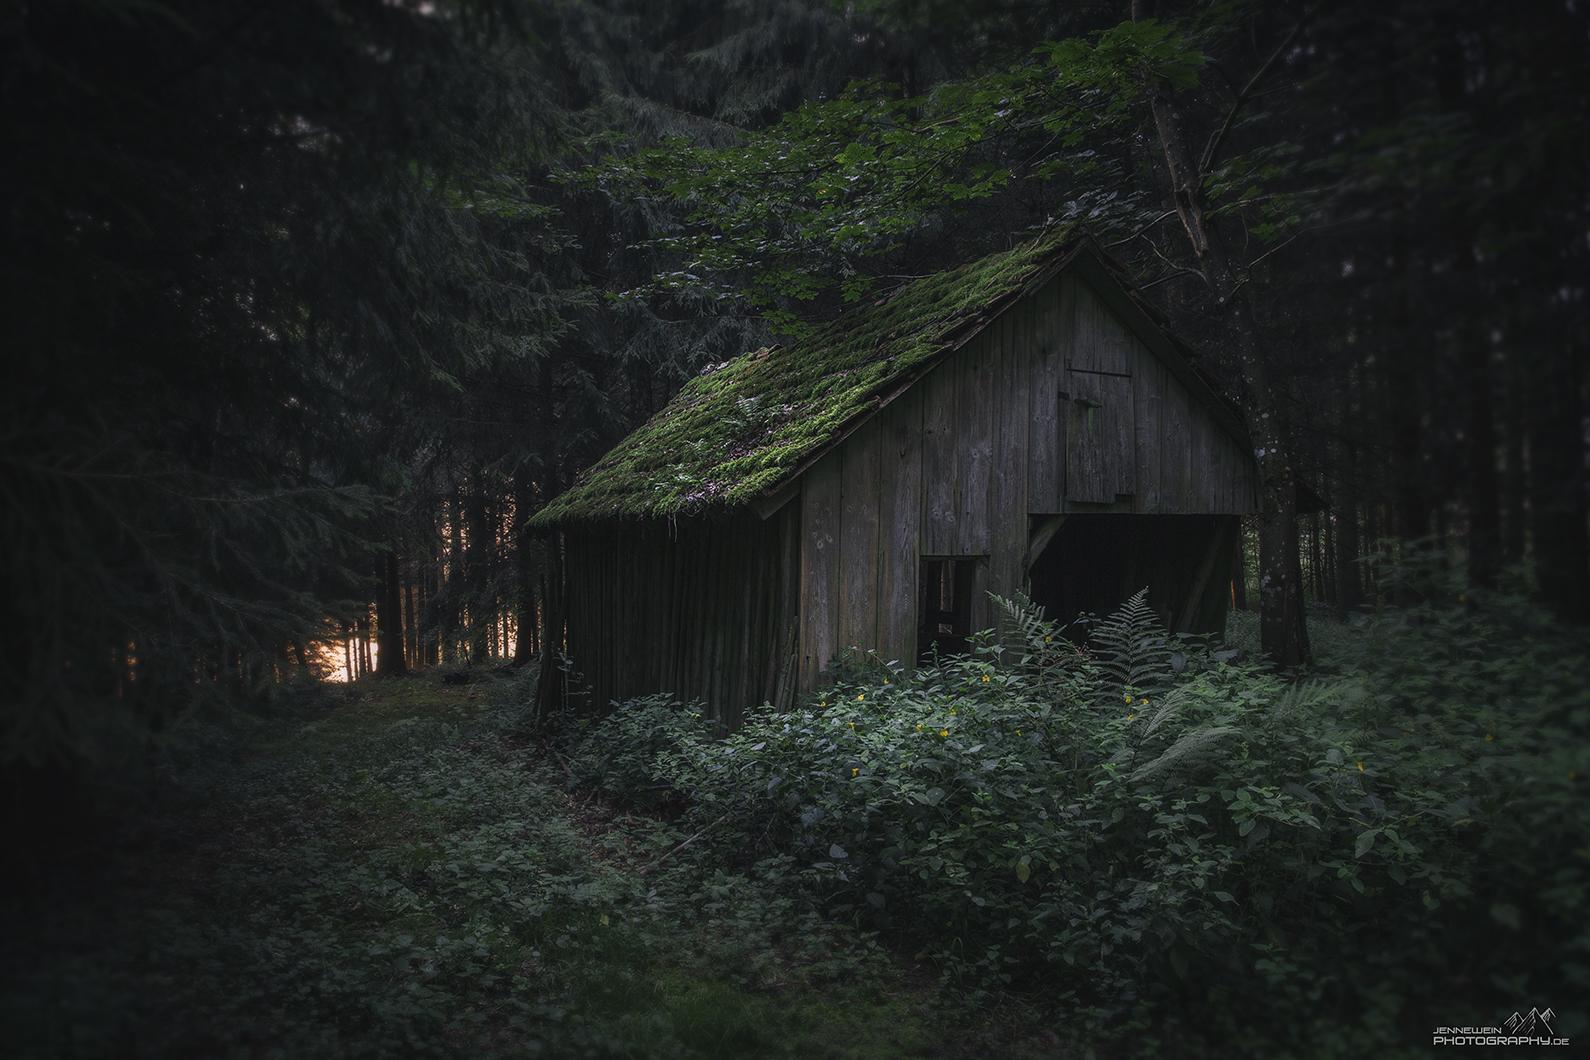 Ein ganz versteckter Ort ...